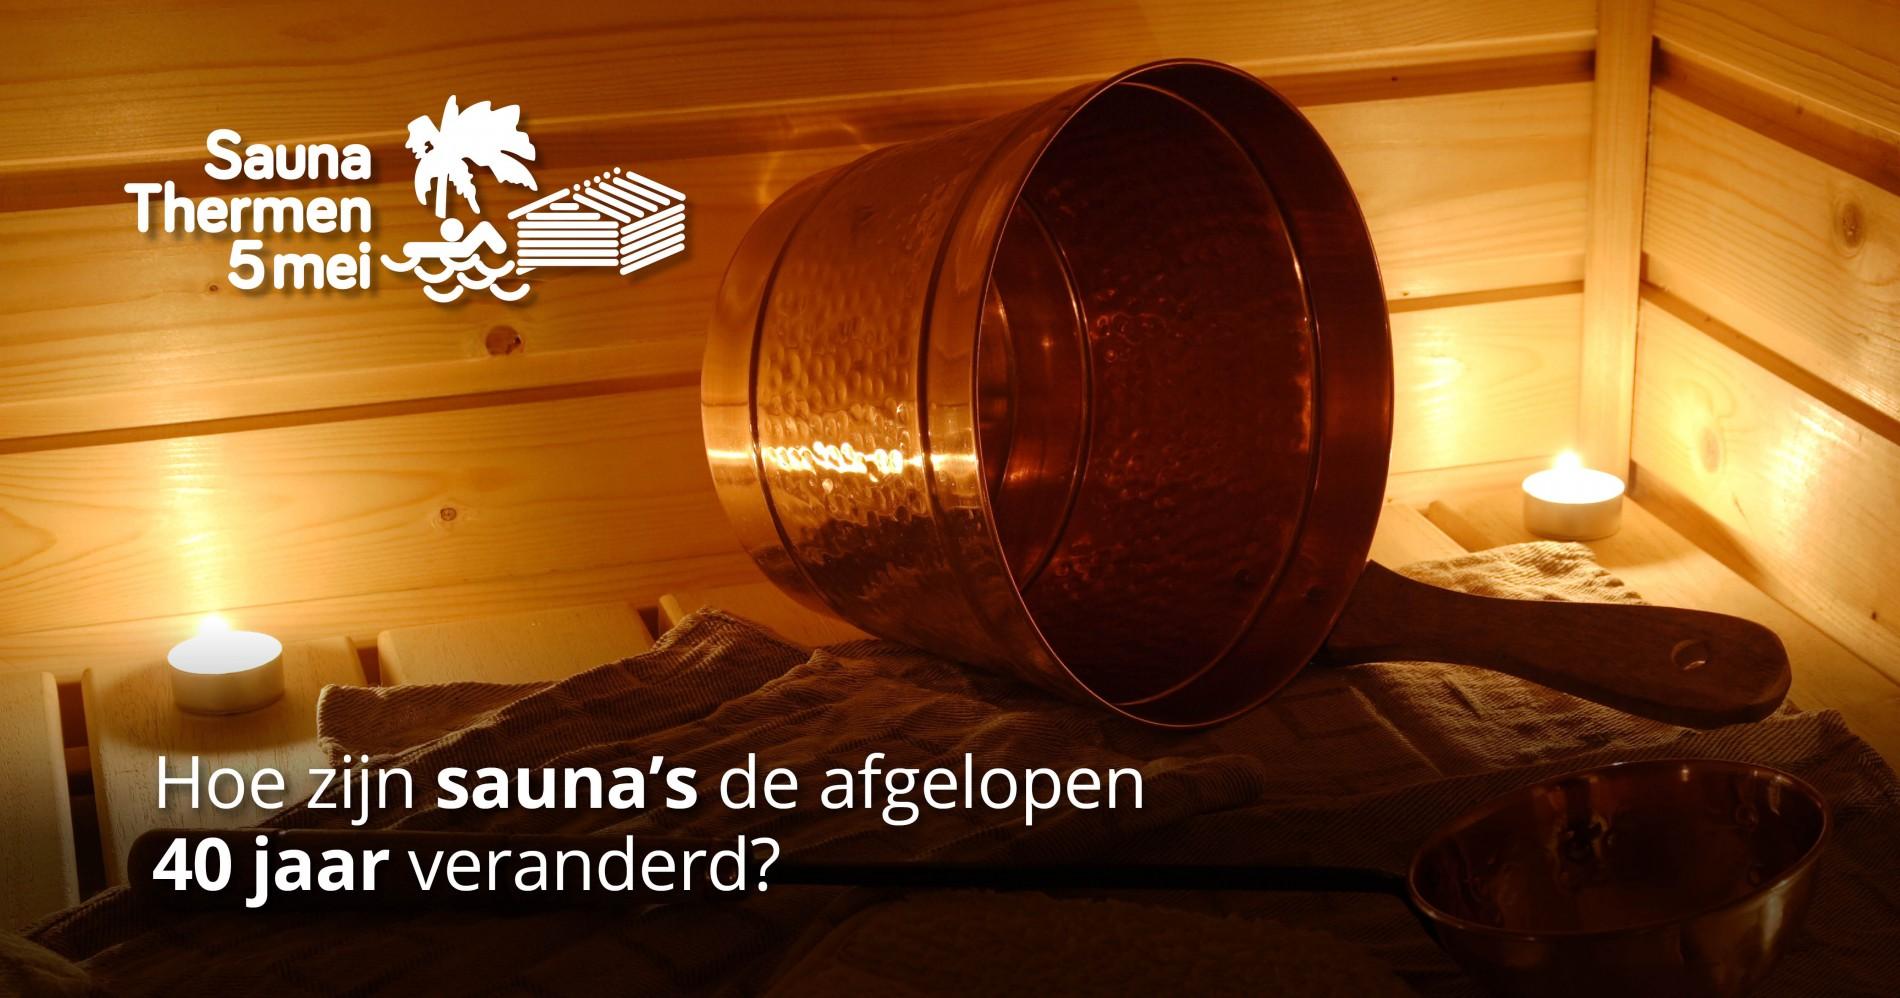 Hoe zijn sauna's de afgelopen 40 jaar veranderd?